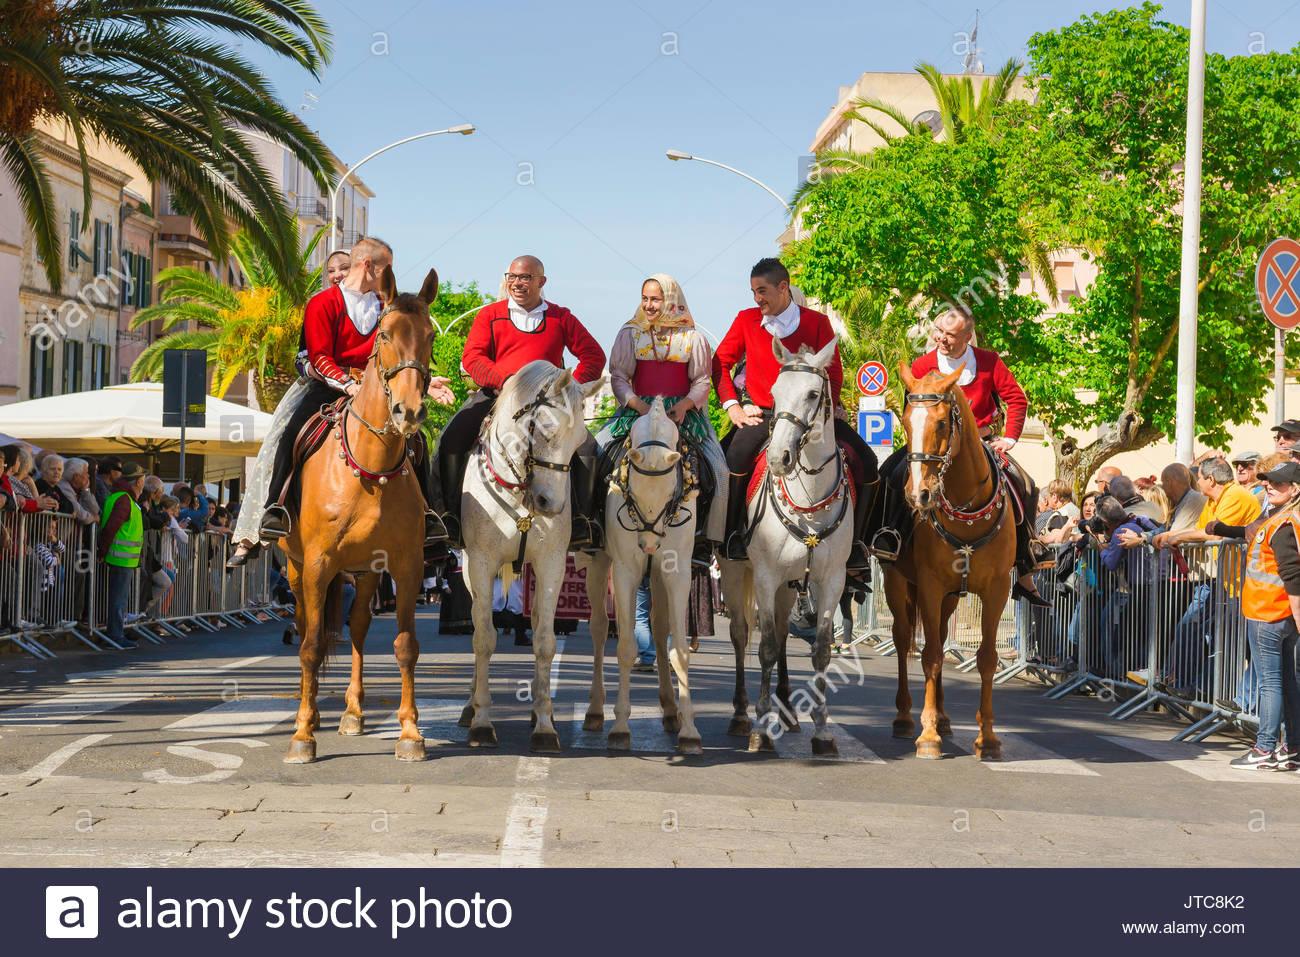 Sardegna festival Cavalcata, durante la Cavalcata festival sardi in costume locale cavalcare i loro cavalli nel gran processione attraverso Sassari. Immagini Stock